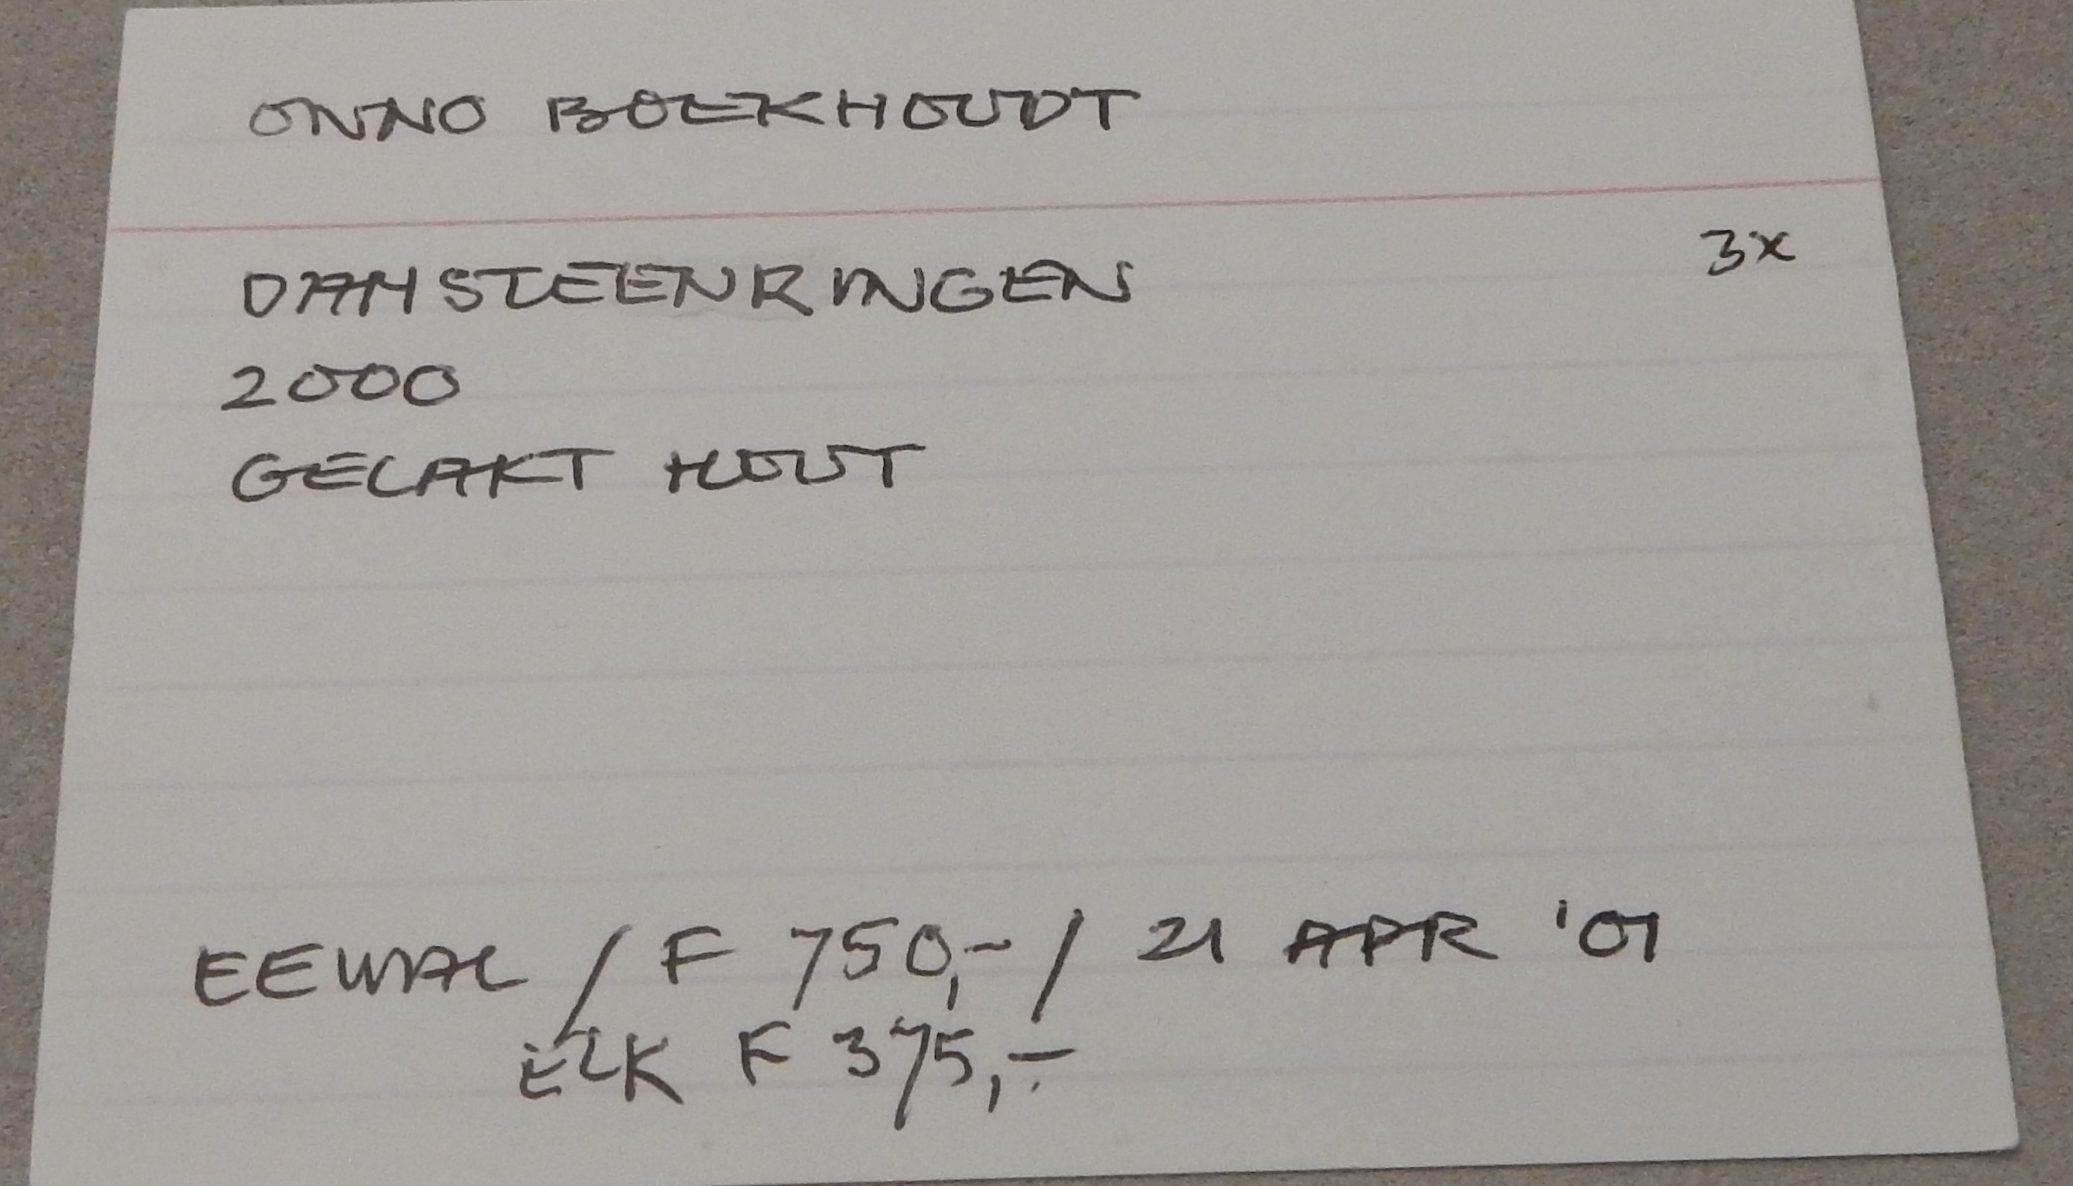 Inventariskaart Jurriaan van den Berg bij Onno Boekhoudt, ringen, 2000. De verzameling van Jurriaan van den Berg in CODA, 2018. Foto Esther Doornbusch, CC BY 4.0